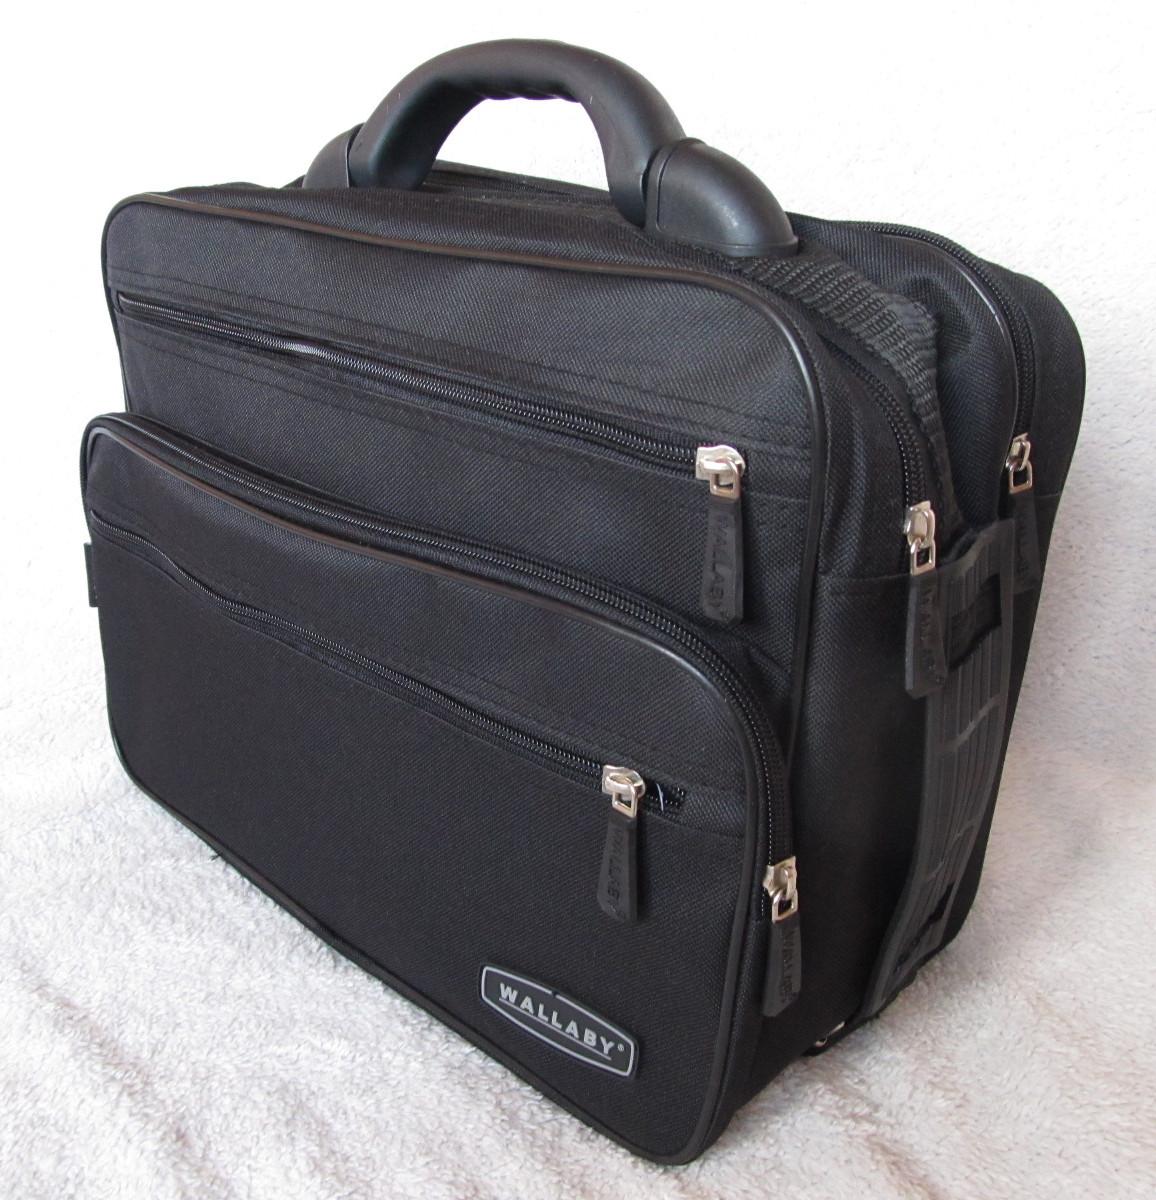 14c05d4c1bf8 Мужская сумка Wallaby 2651 черная барсетка через плечо папка портфель А4  35х26х17см - Интернет-магазин